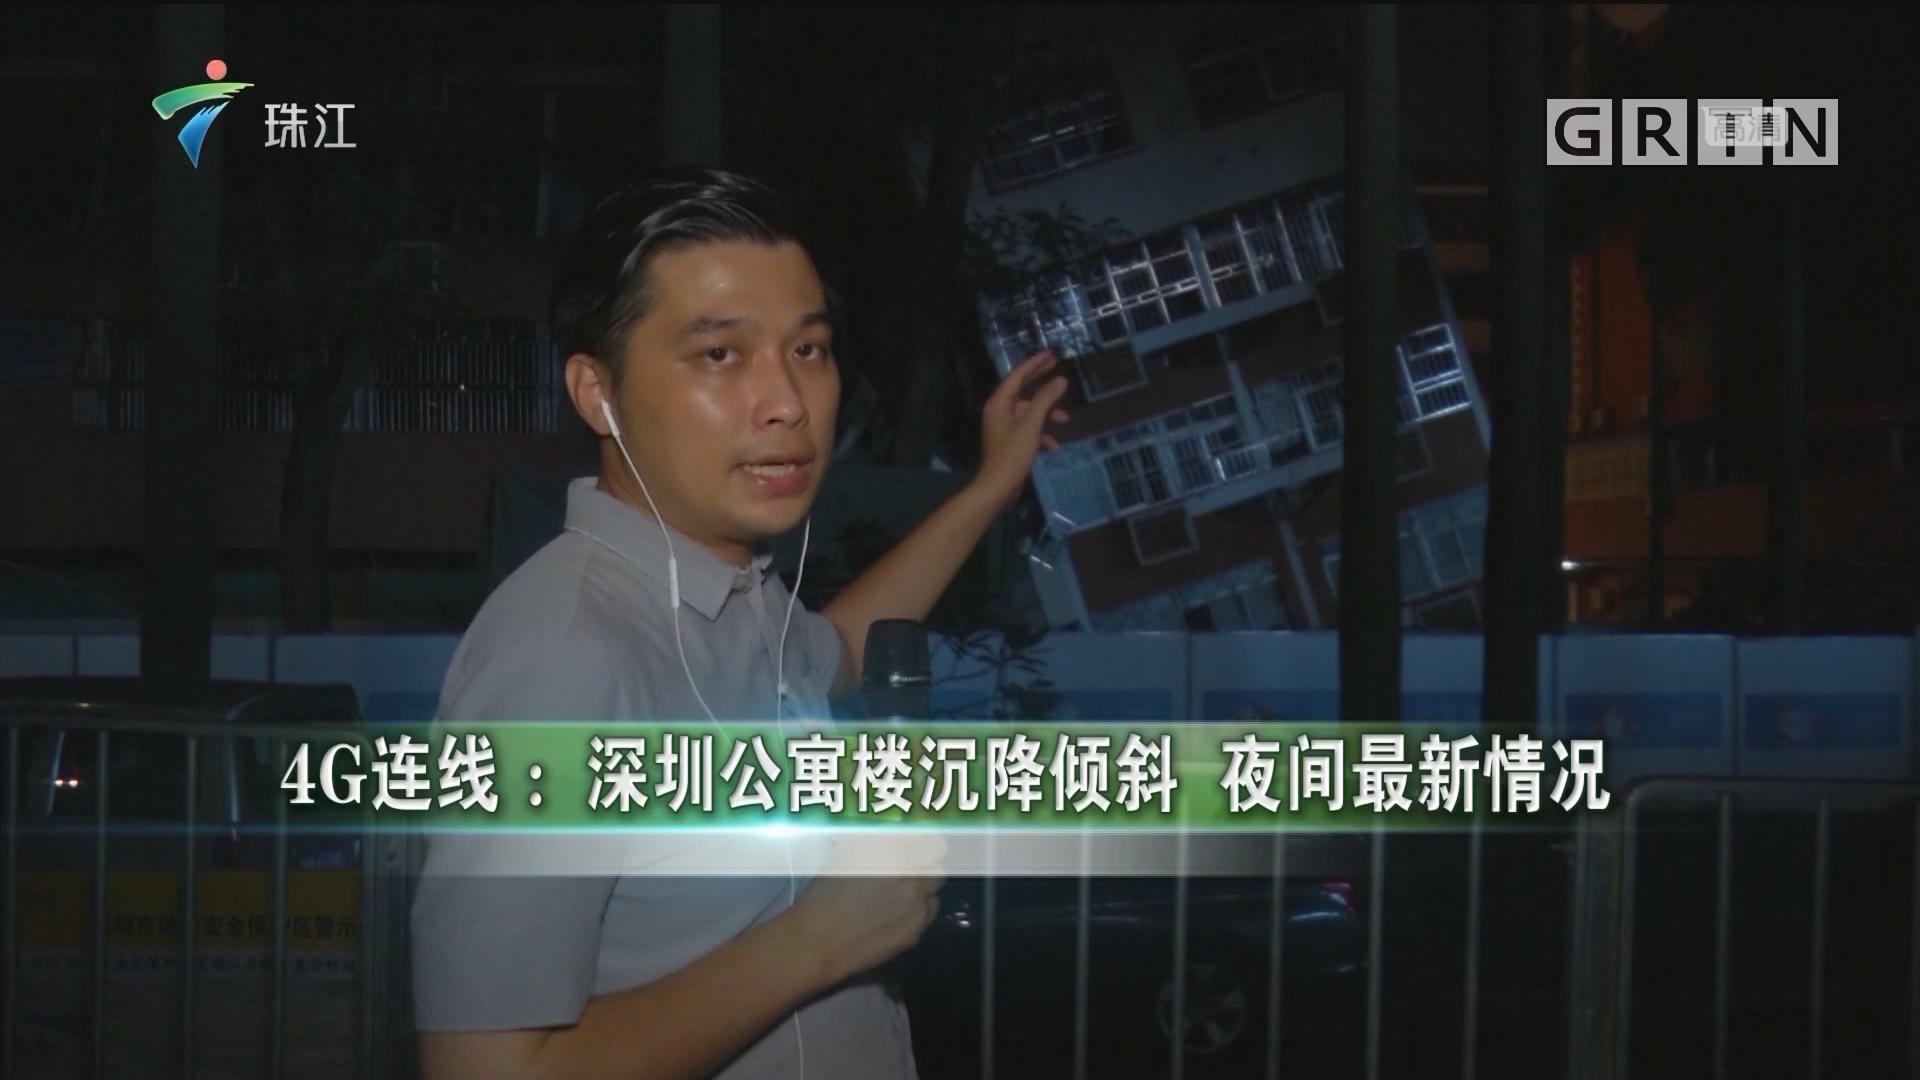 4G连线:深圳公寓楼沉降倾斜 夜间最新情况